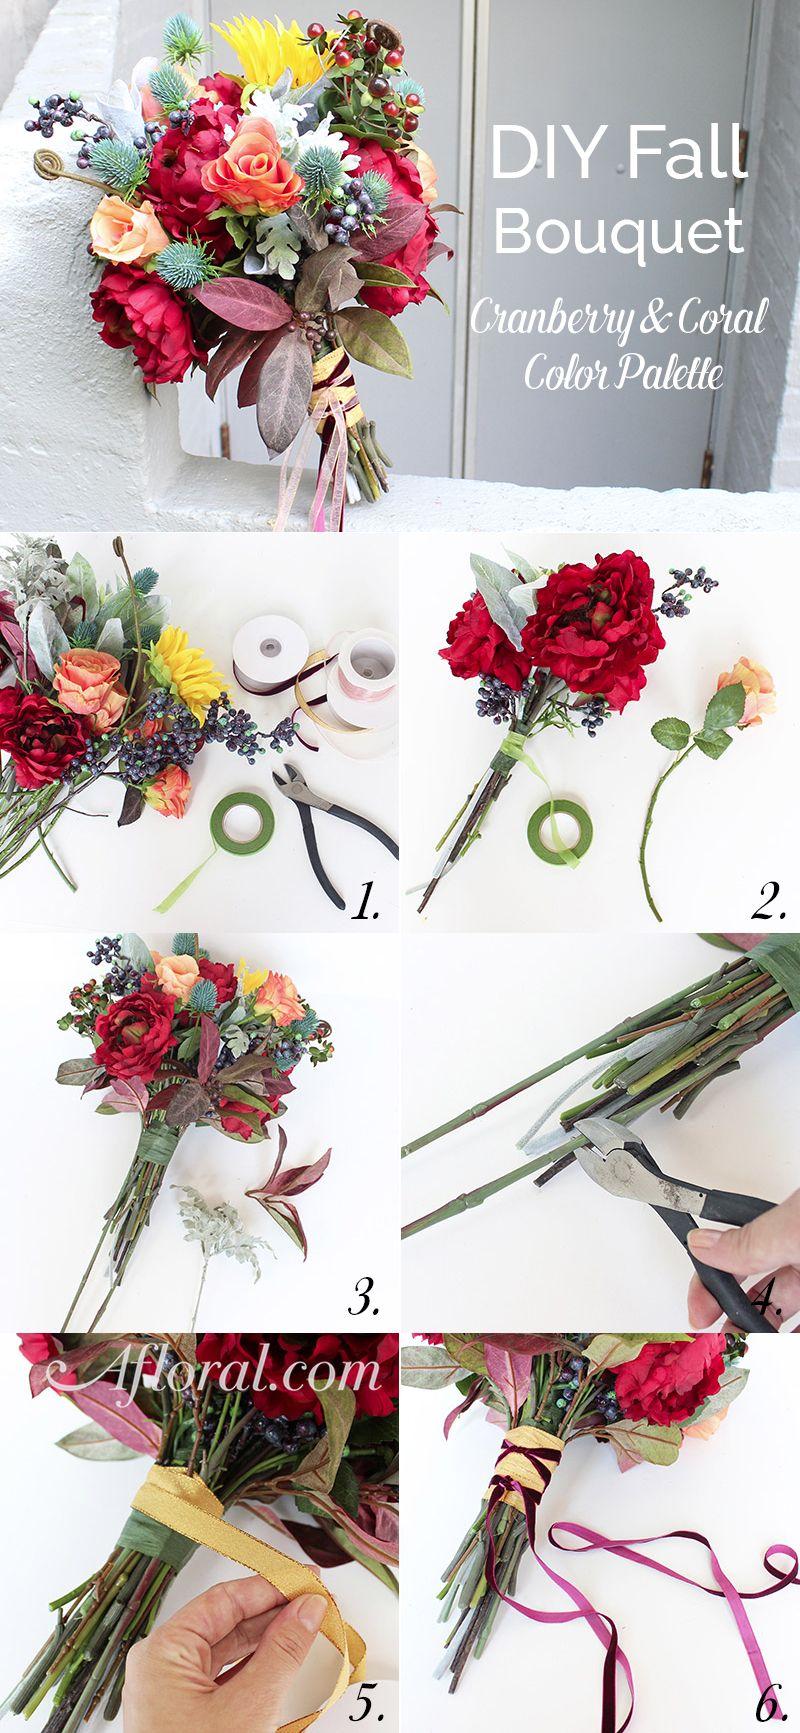 Diy fall wedding decor  DIY Fall Bouquet Cranberry u Coral  Wedding Centerpieces on a